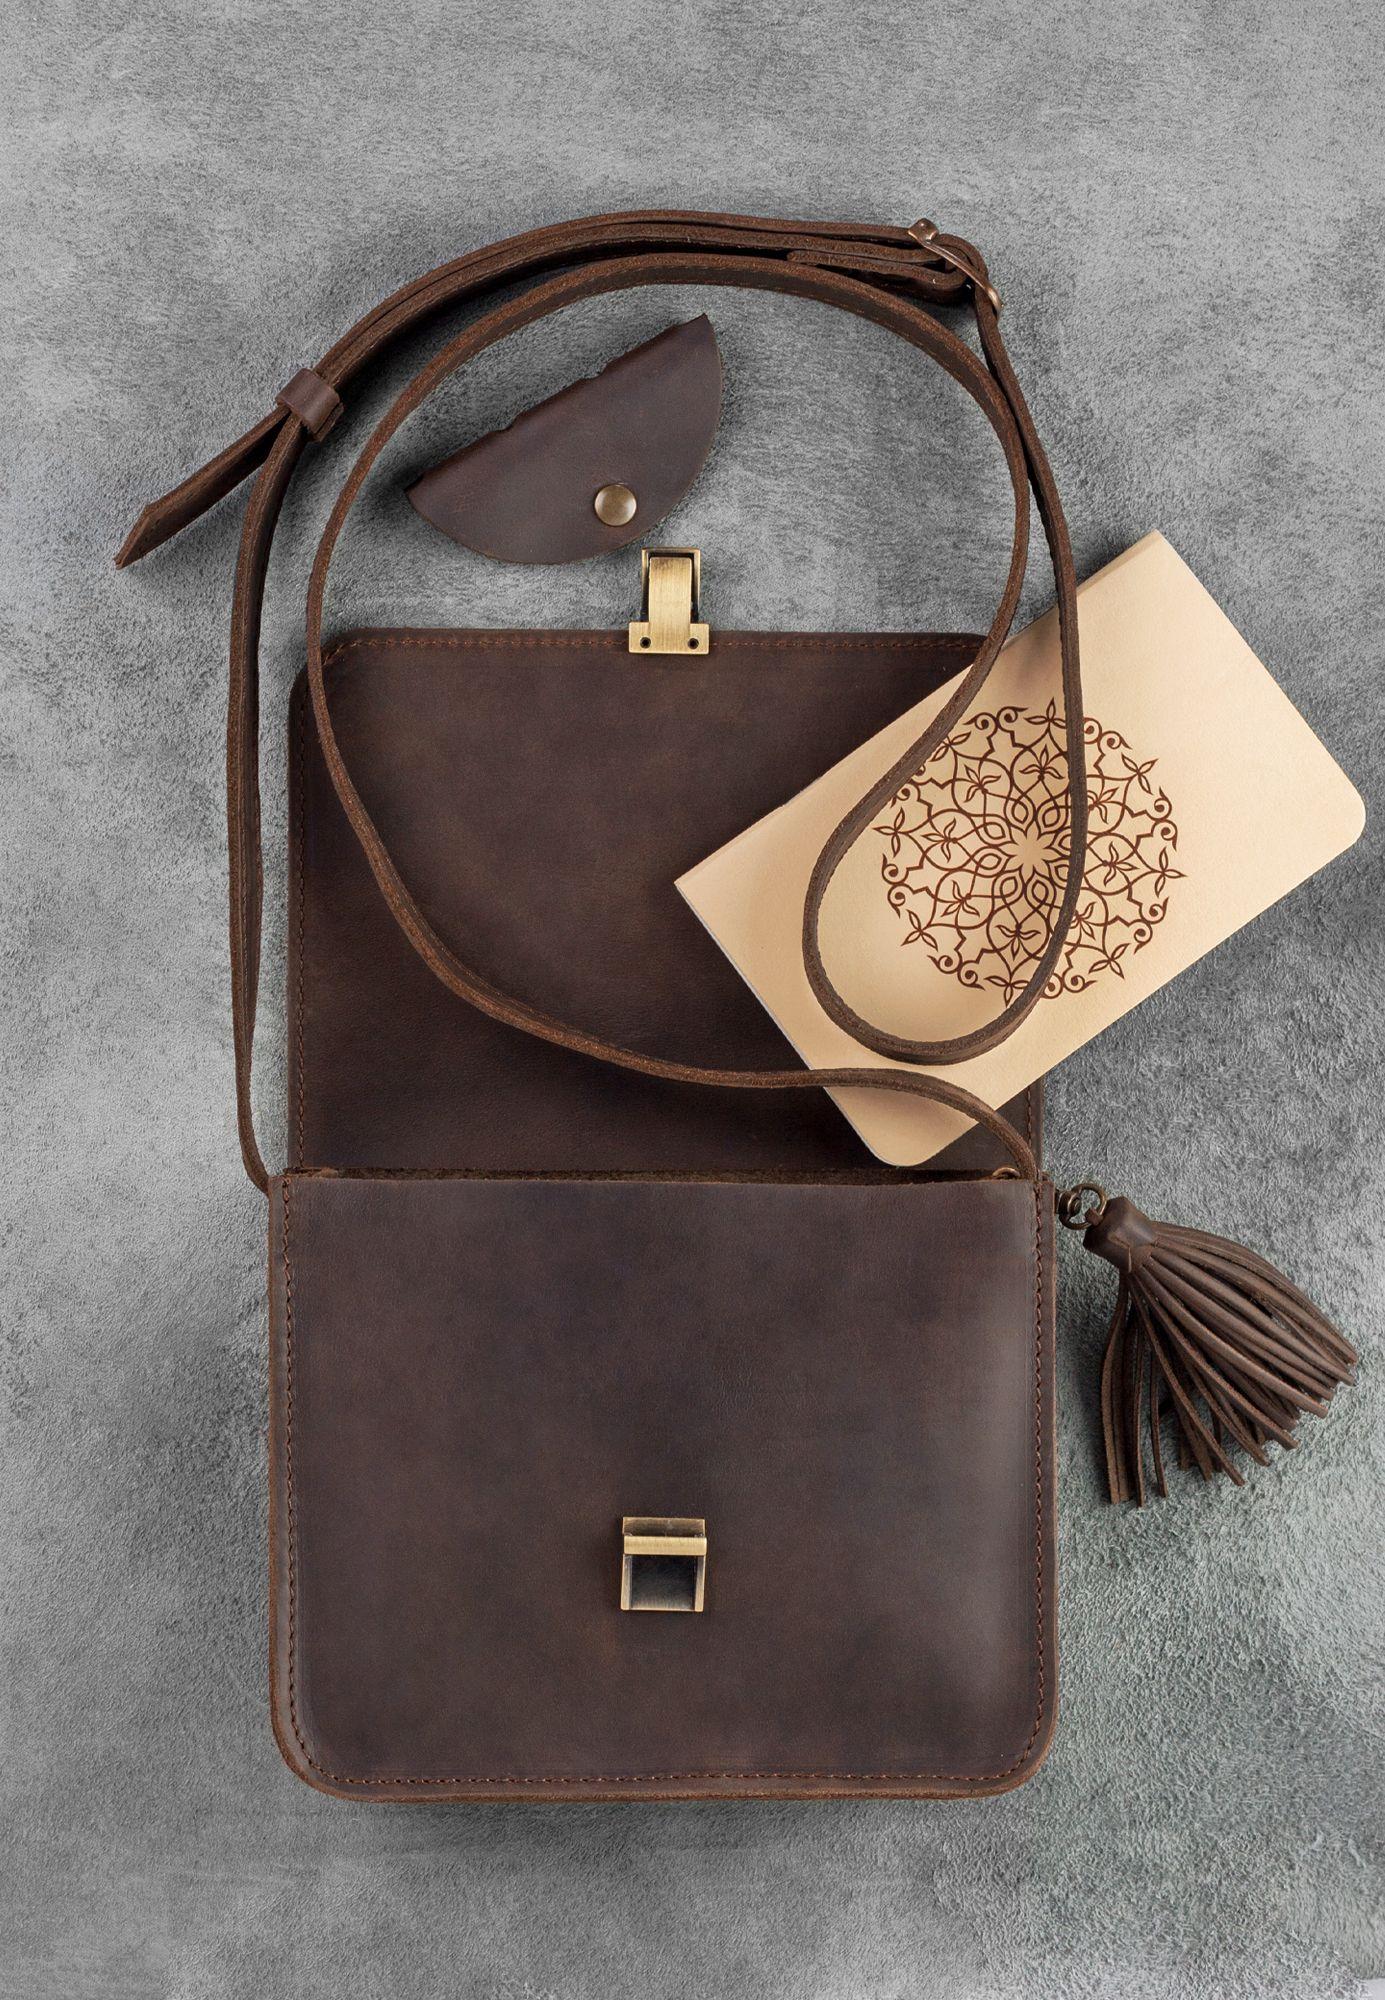 Бохо-сумка Лилу орех Фото 4